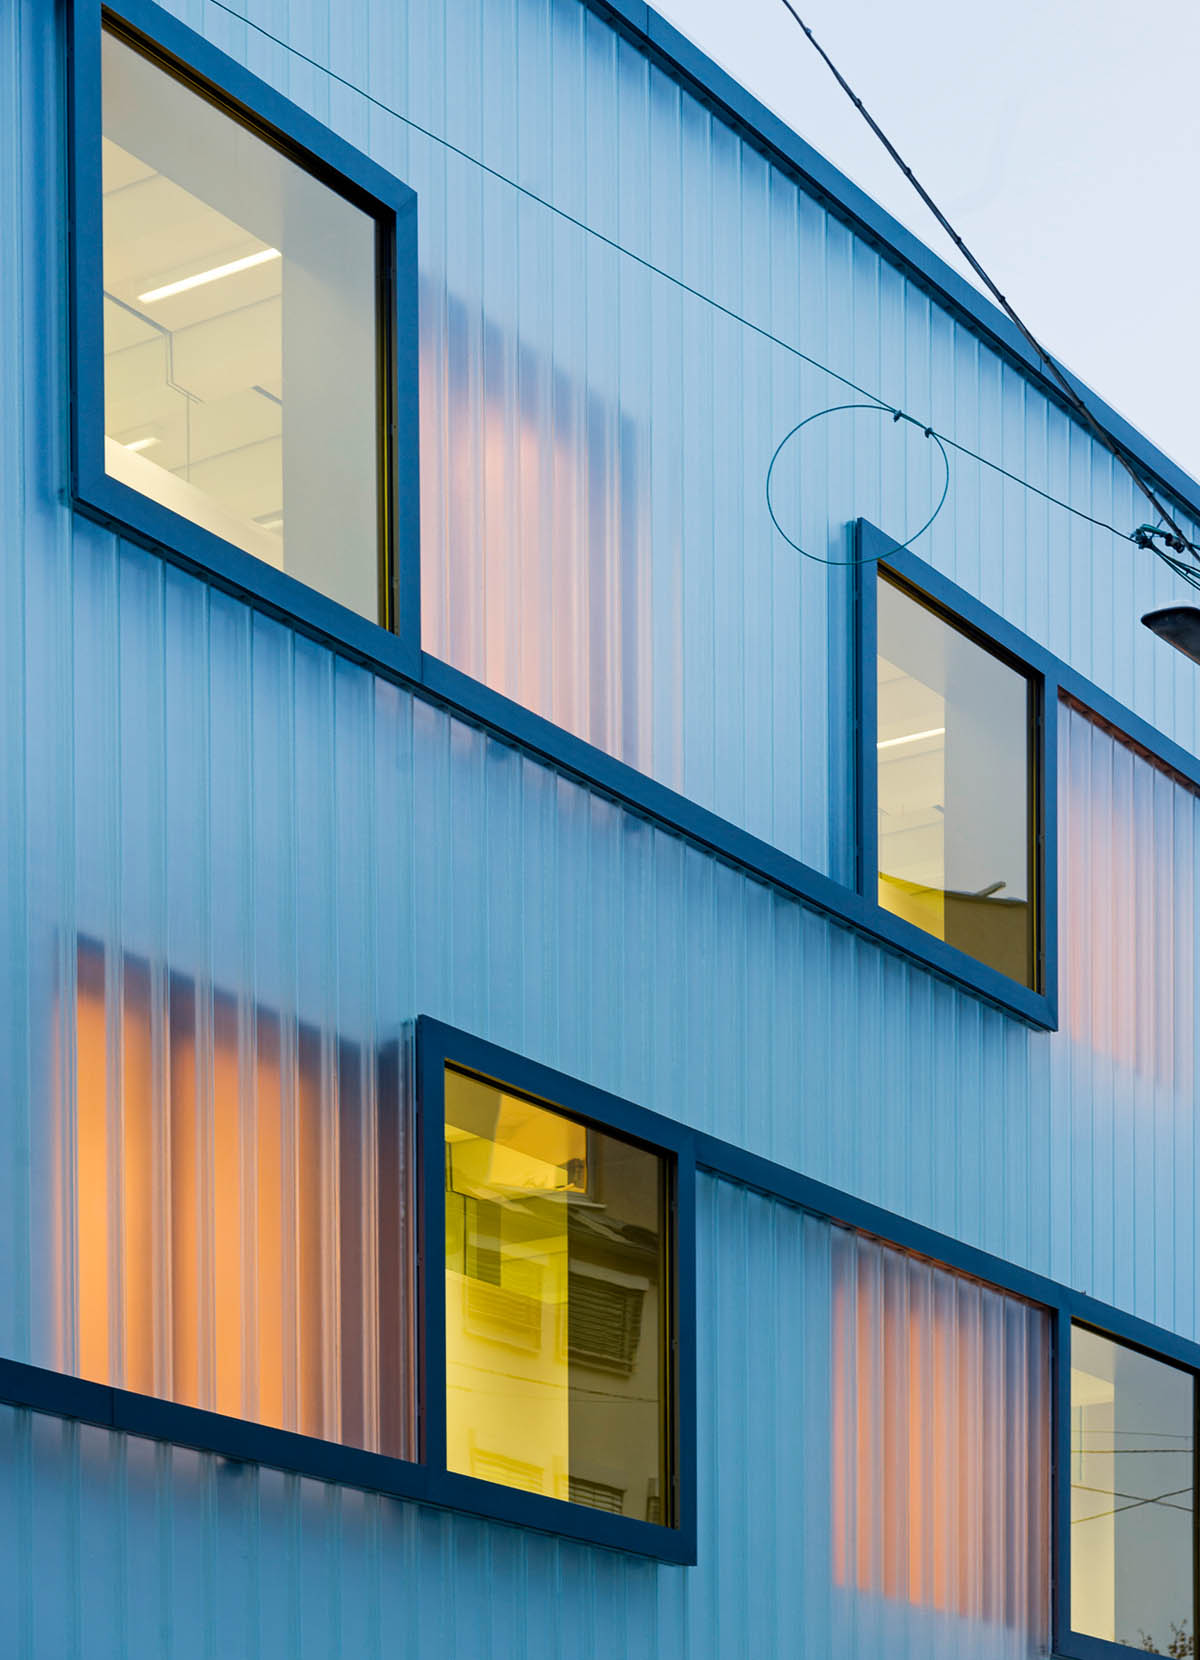 Nahaufnahme der Fassade des Fichtegymnasiums in Karlsruhe. Farbig verspiegelte Fenster, die durch ein dunkles Band verbunden sind. Hinter der plastischen Glasfassade erahnt man weitere Fenster.